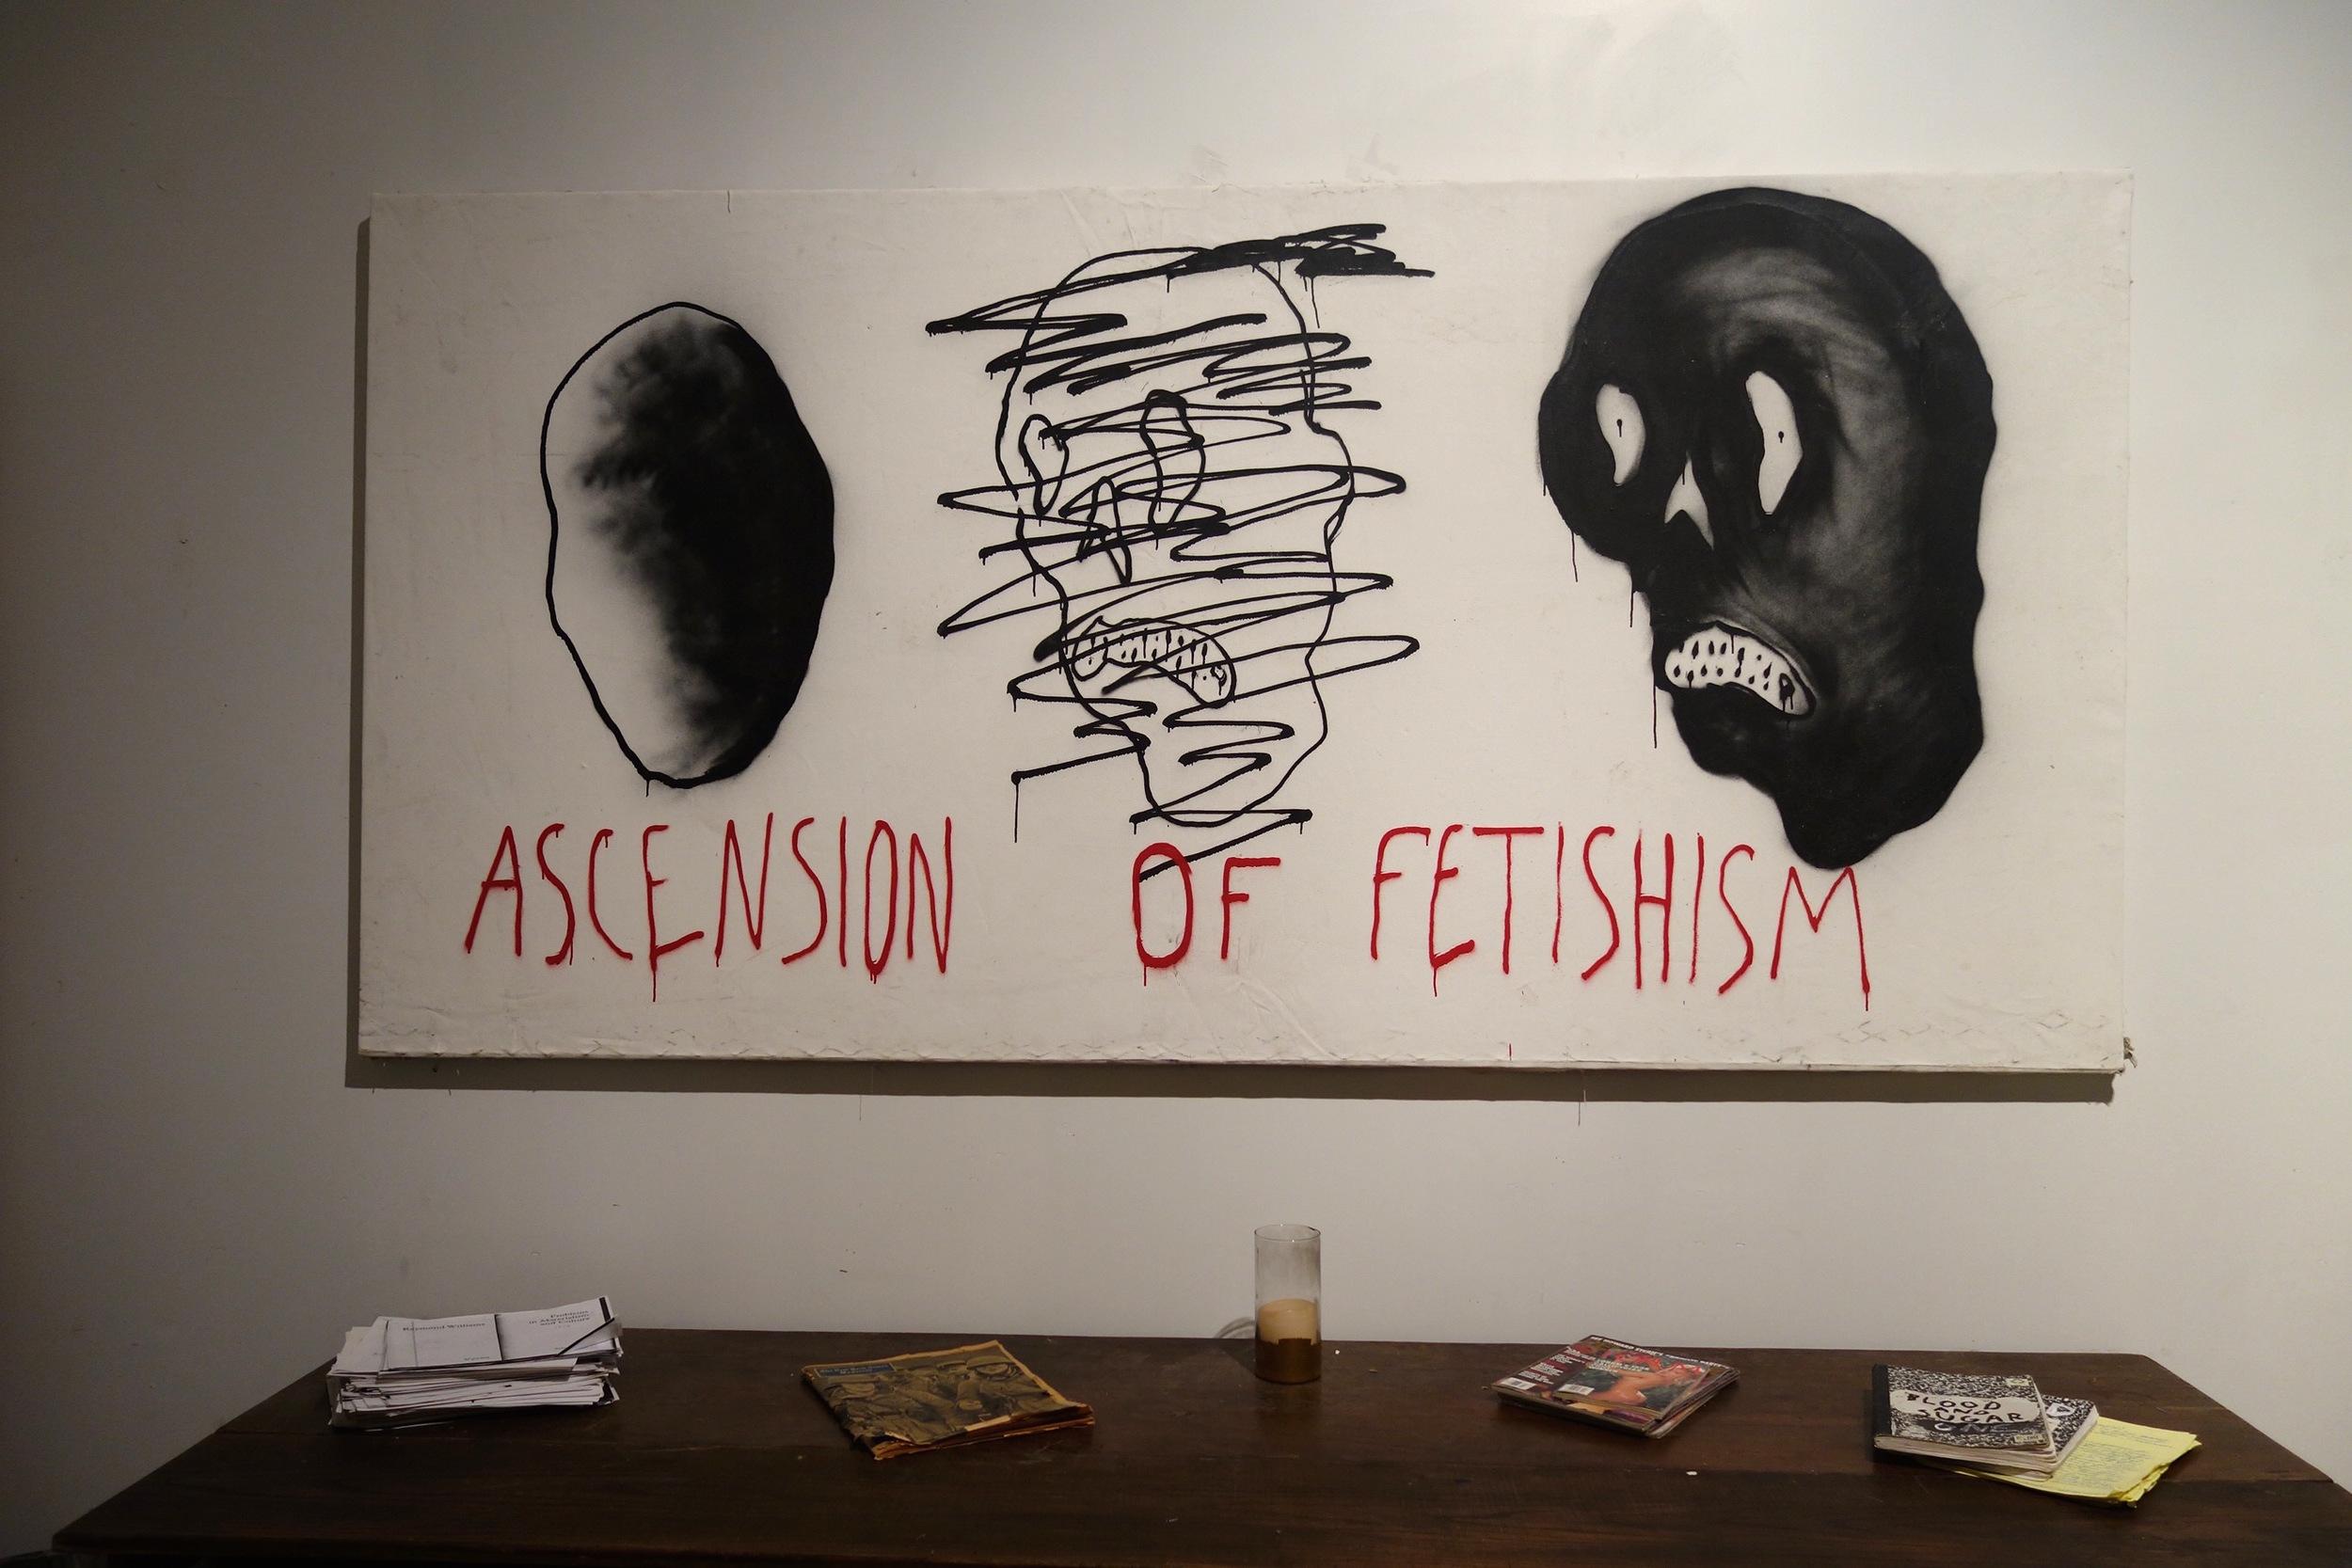 Ascension of Fetishism with desk.jpg